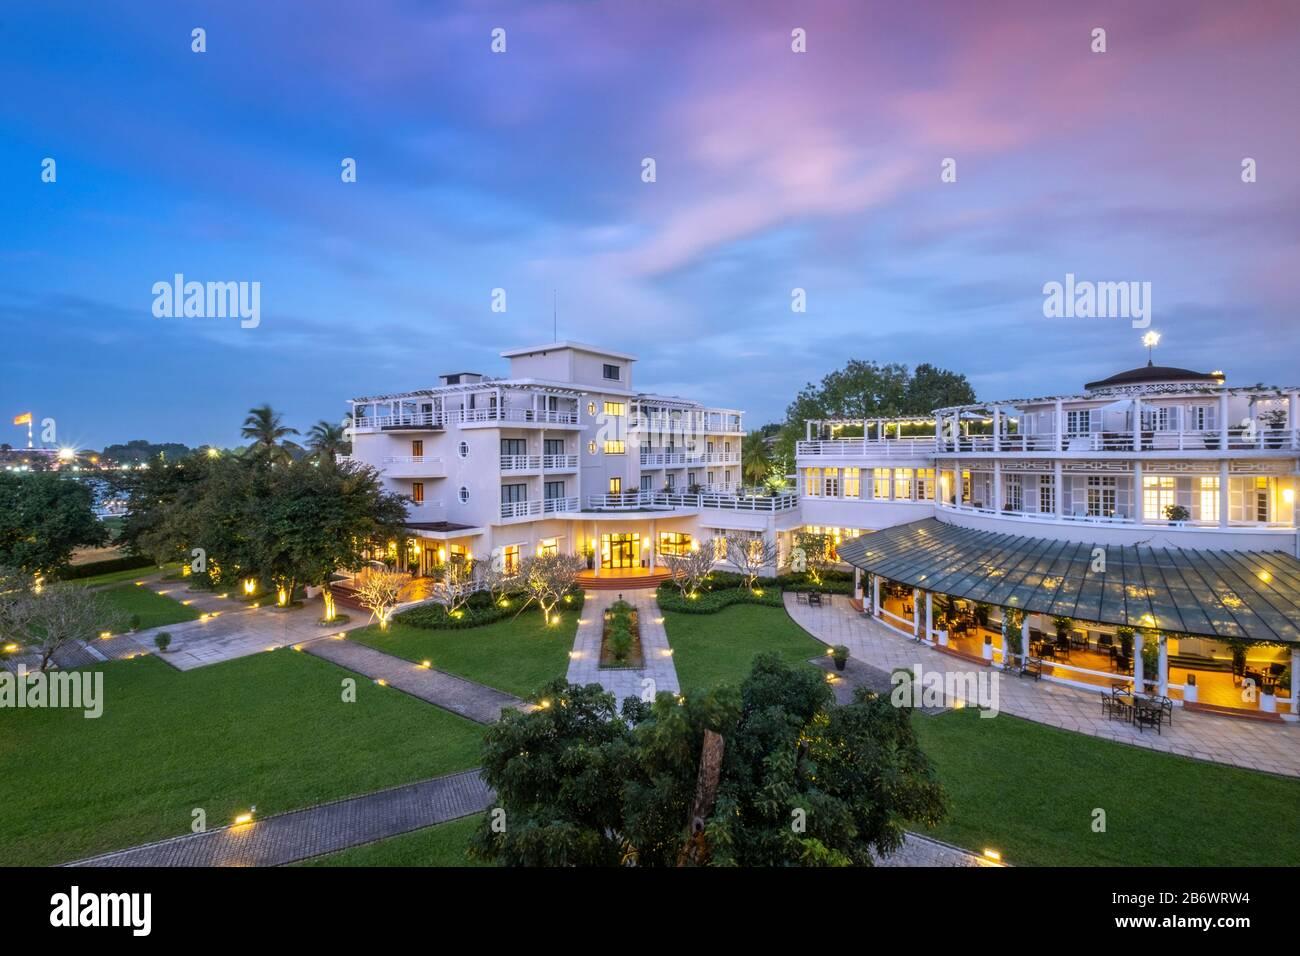 Sudeste de Asia, Vietnam, el Azerai La Residence hotel en Hue - un hotel boutique en un edificio del patrimonio histórico de la ciudad y sitio del patrimonio mundial Foto de stock